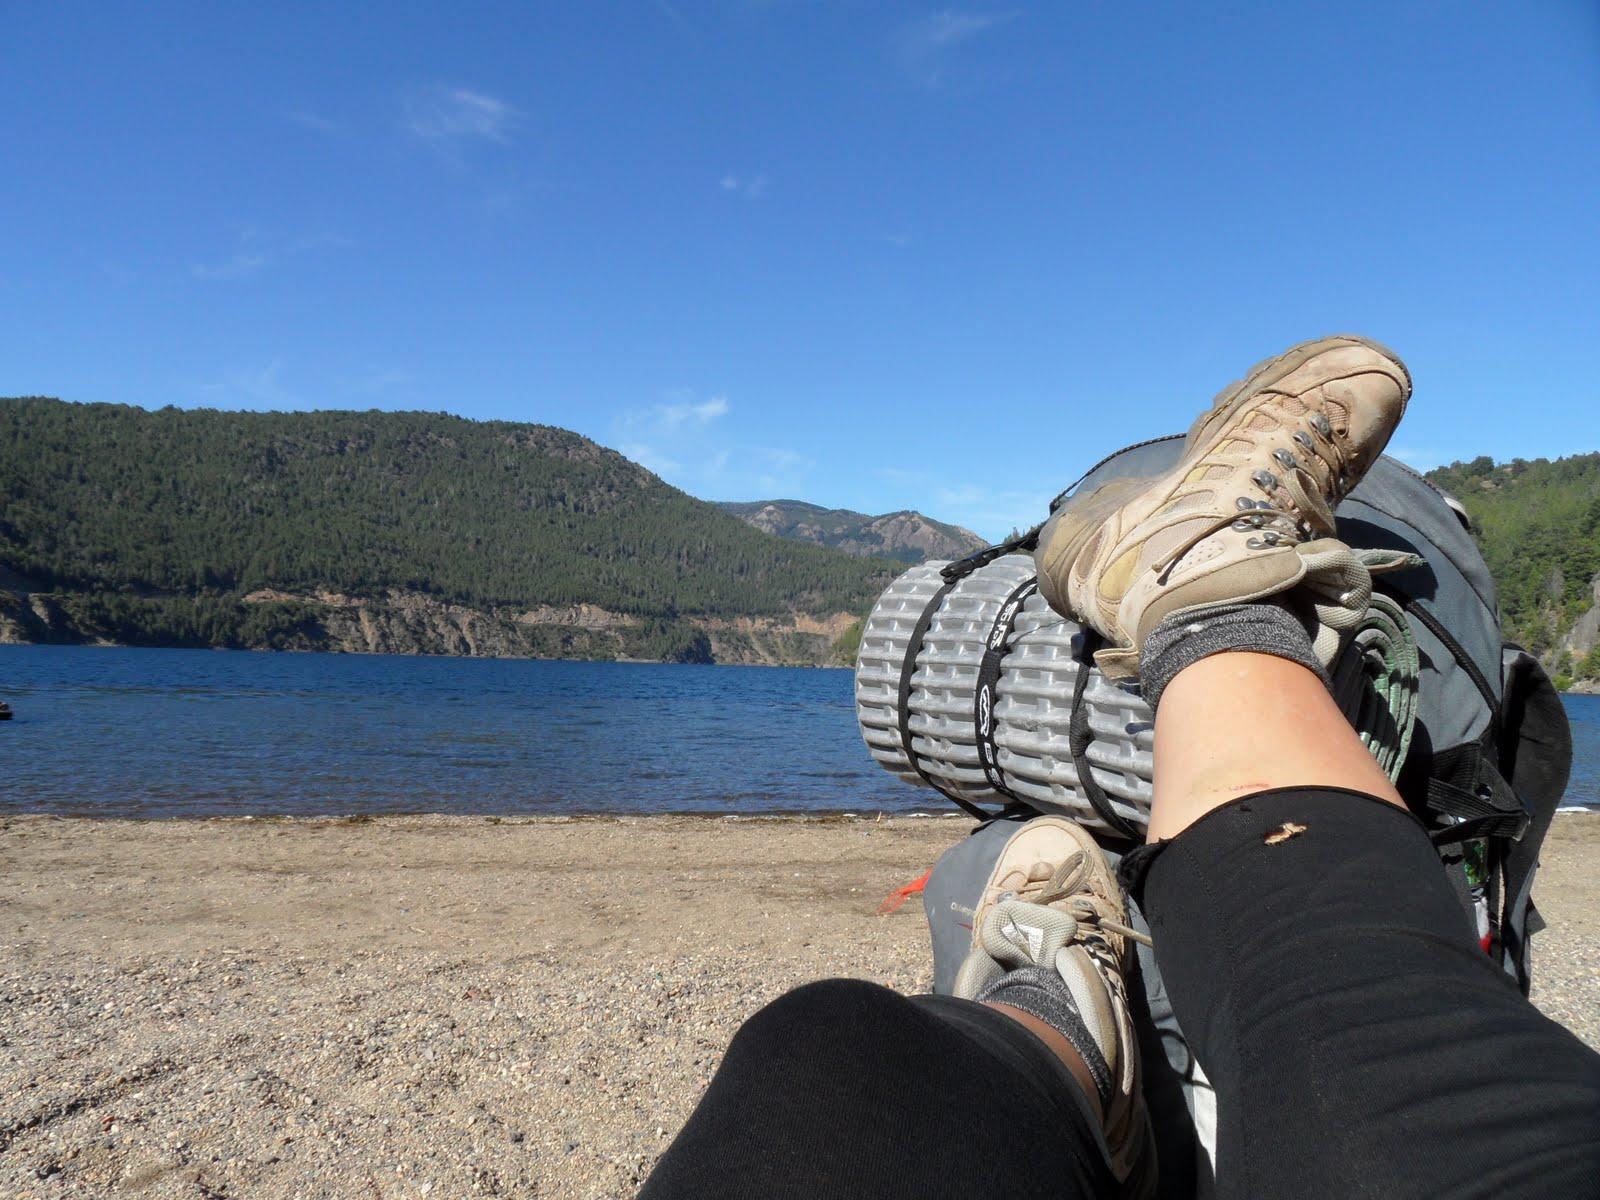 MULHER VIAJANTE - Sim, sou mulher e adoro viajar!